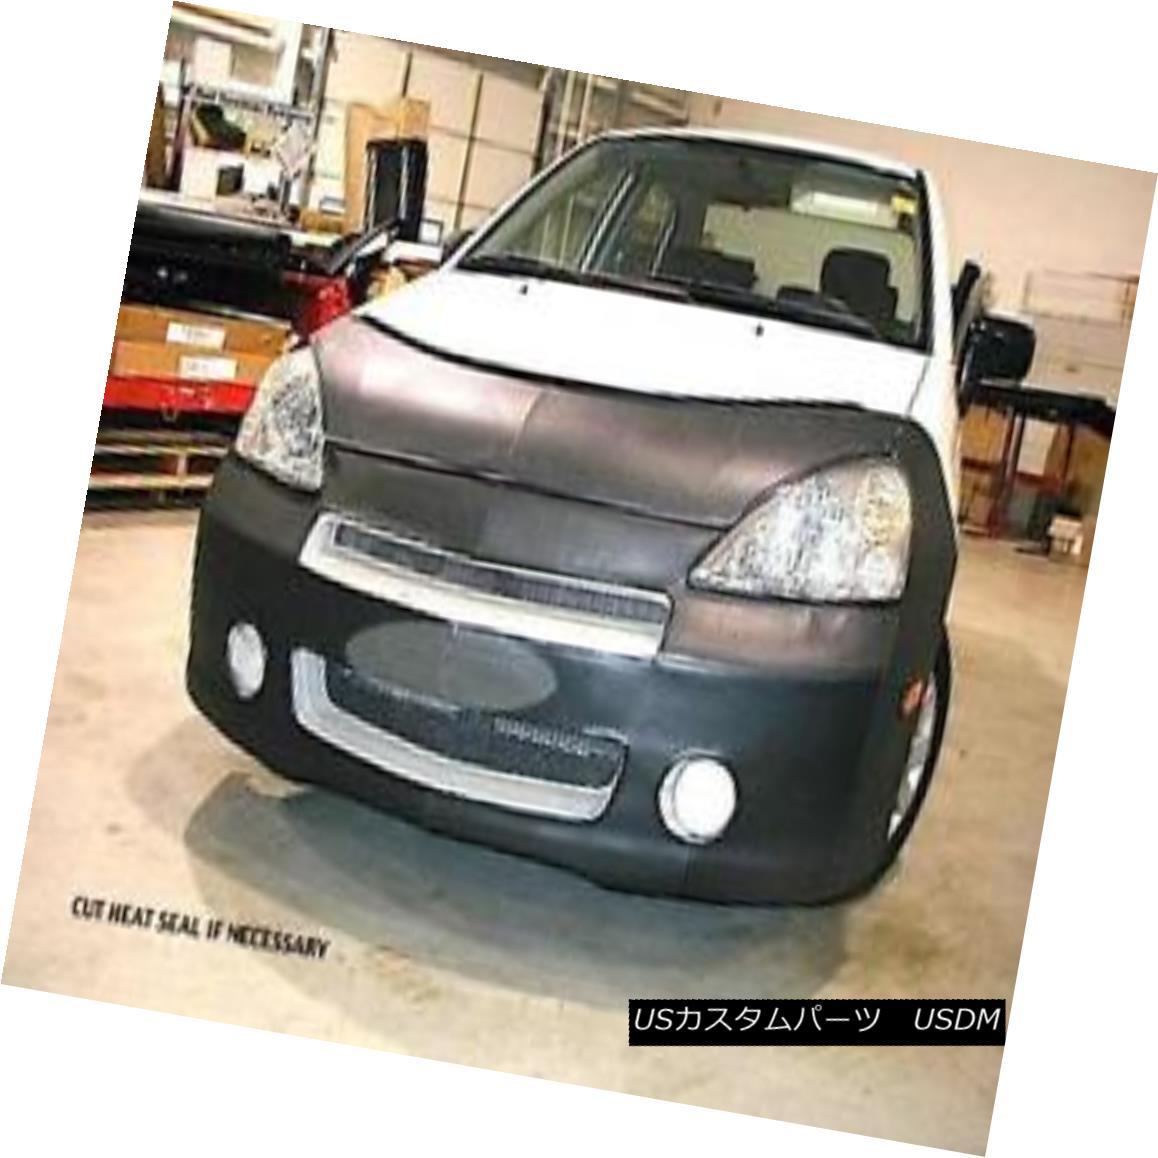 フルブラ ノーズブラ Lebra Front End Mask Cover Bra Fits 2002-2004 SUZUKI Aerio Sedan and SX Wagon Lebraフロントエンドマスクカバーブラは2002-2004年に適合SUZUKI Aerio SedanとSX Wagon